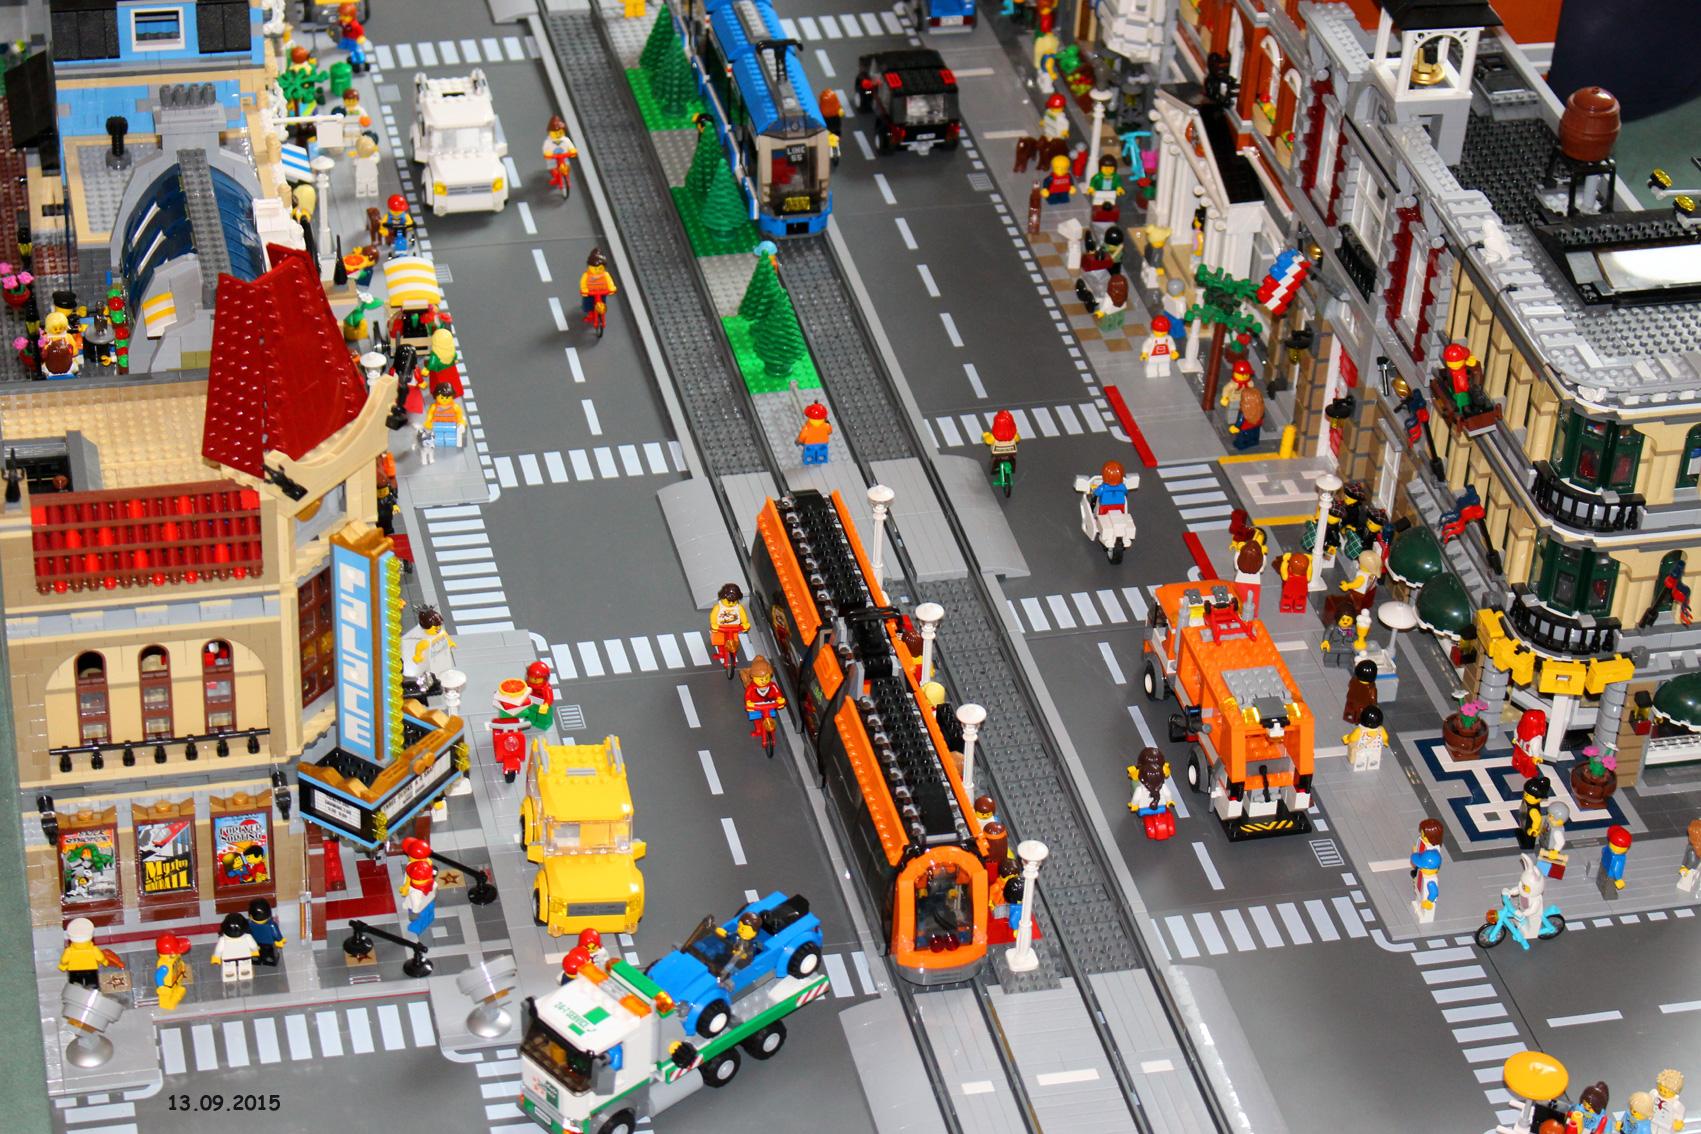 Lego City 09-2015